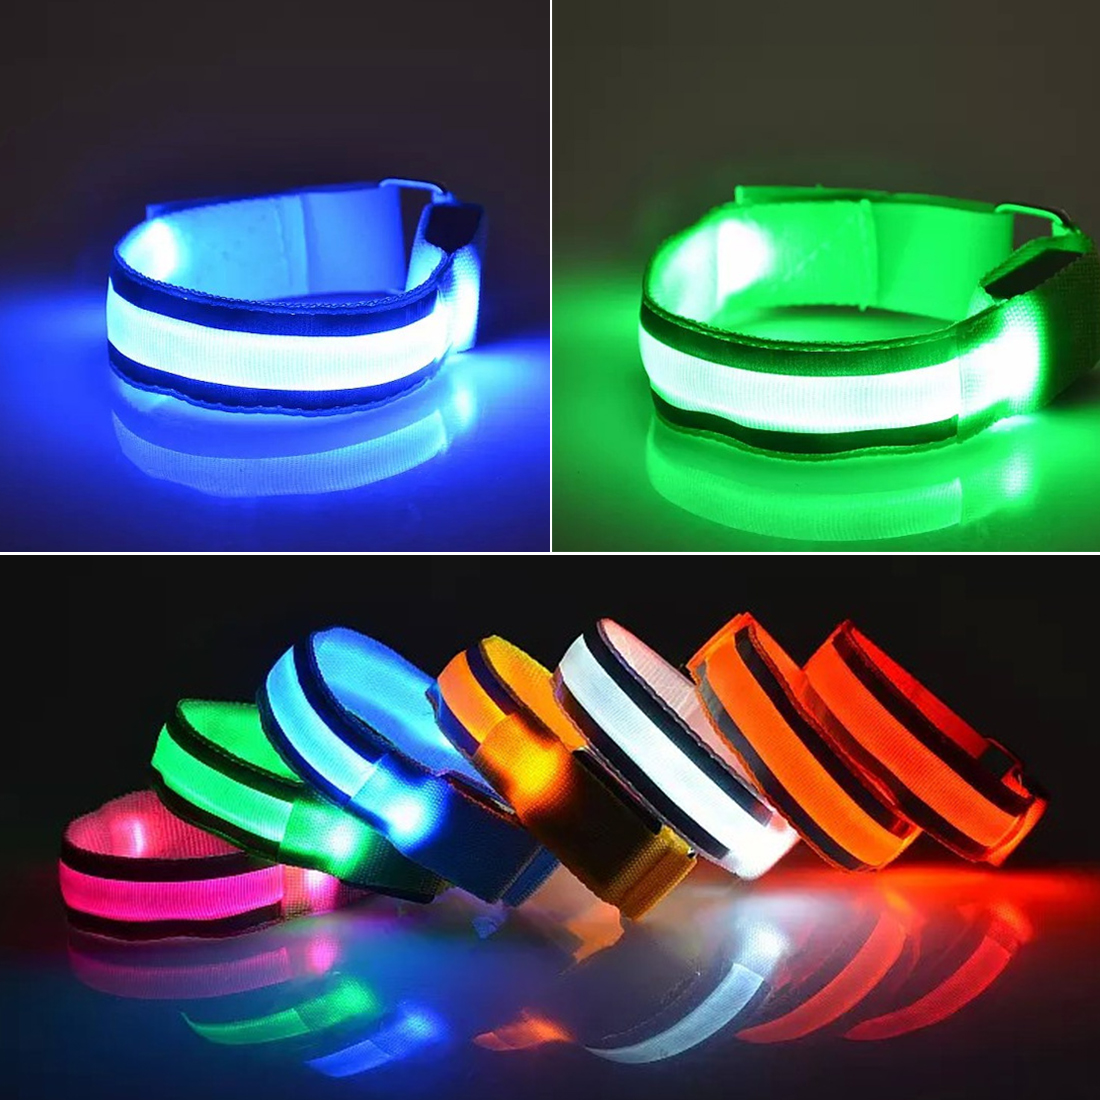 2 X Blue LED SHOE CLIP SAFETY FLASHING LED LIGHT UP HIKING RUNNING JOGGING